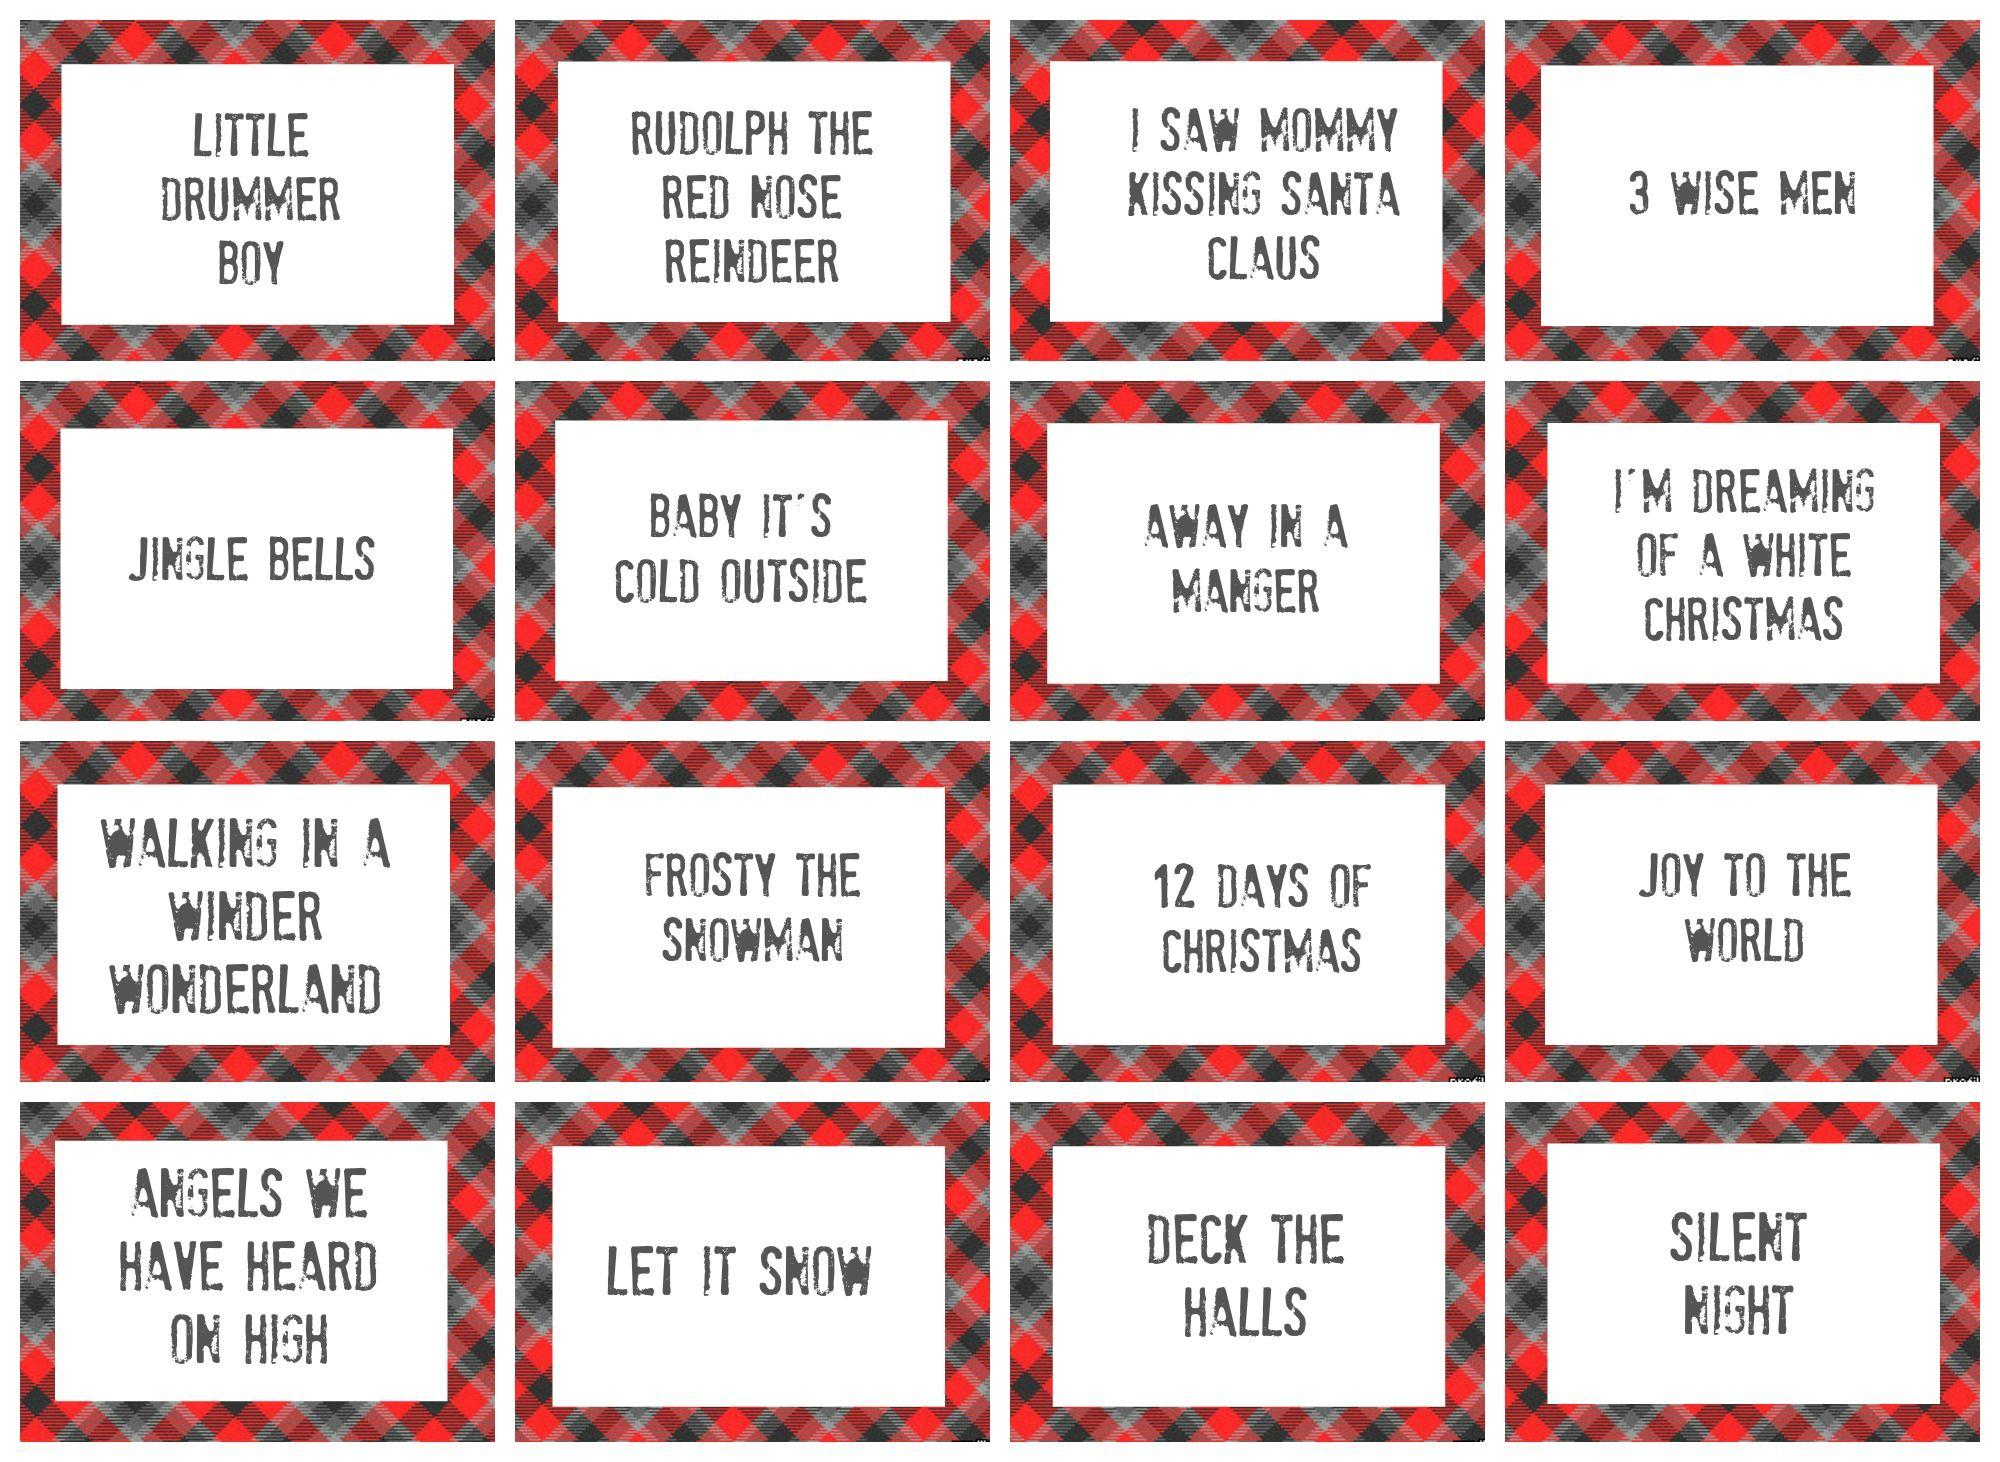 Christmas Charades Game And Free Printable Roundup | Crafting - Free Printable Charades Cards